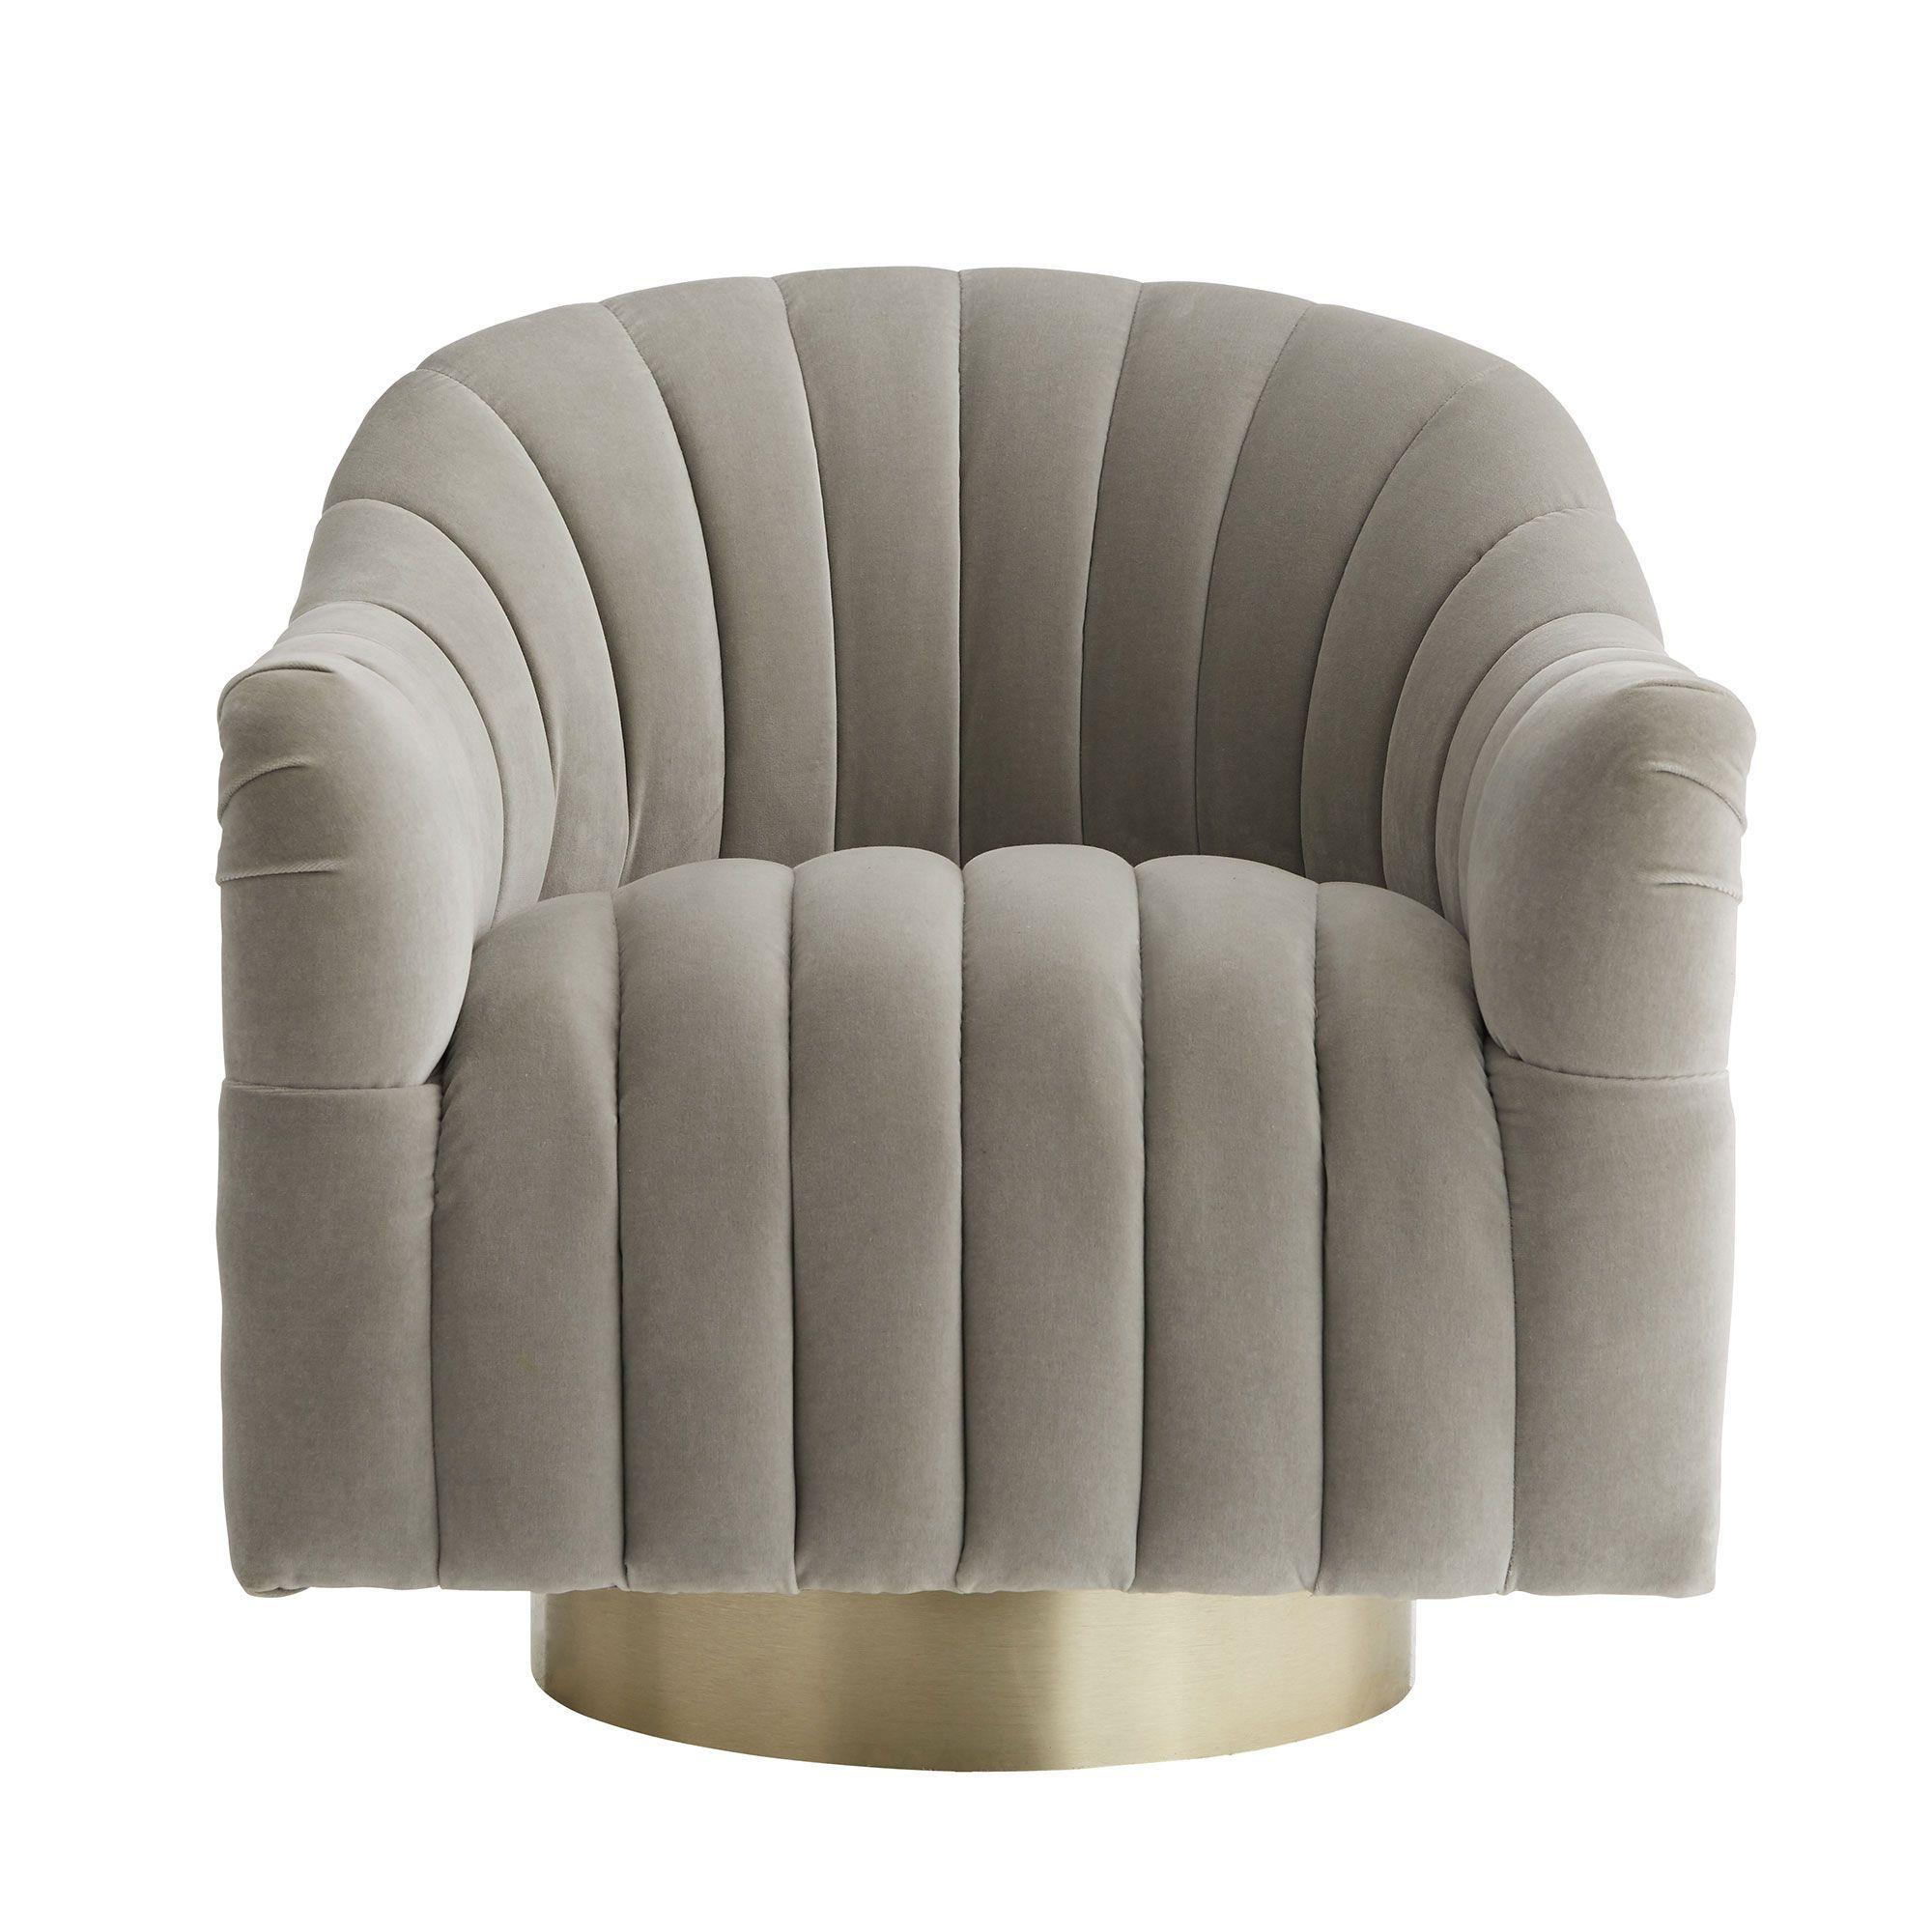 Arteriors Home Springsteen Chair Flint Velvet Champagne Swivel In 2021 Furniture Upholstered Seating Upholstered Chairs Swivel living room chairs traditional